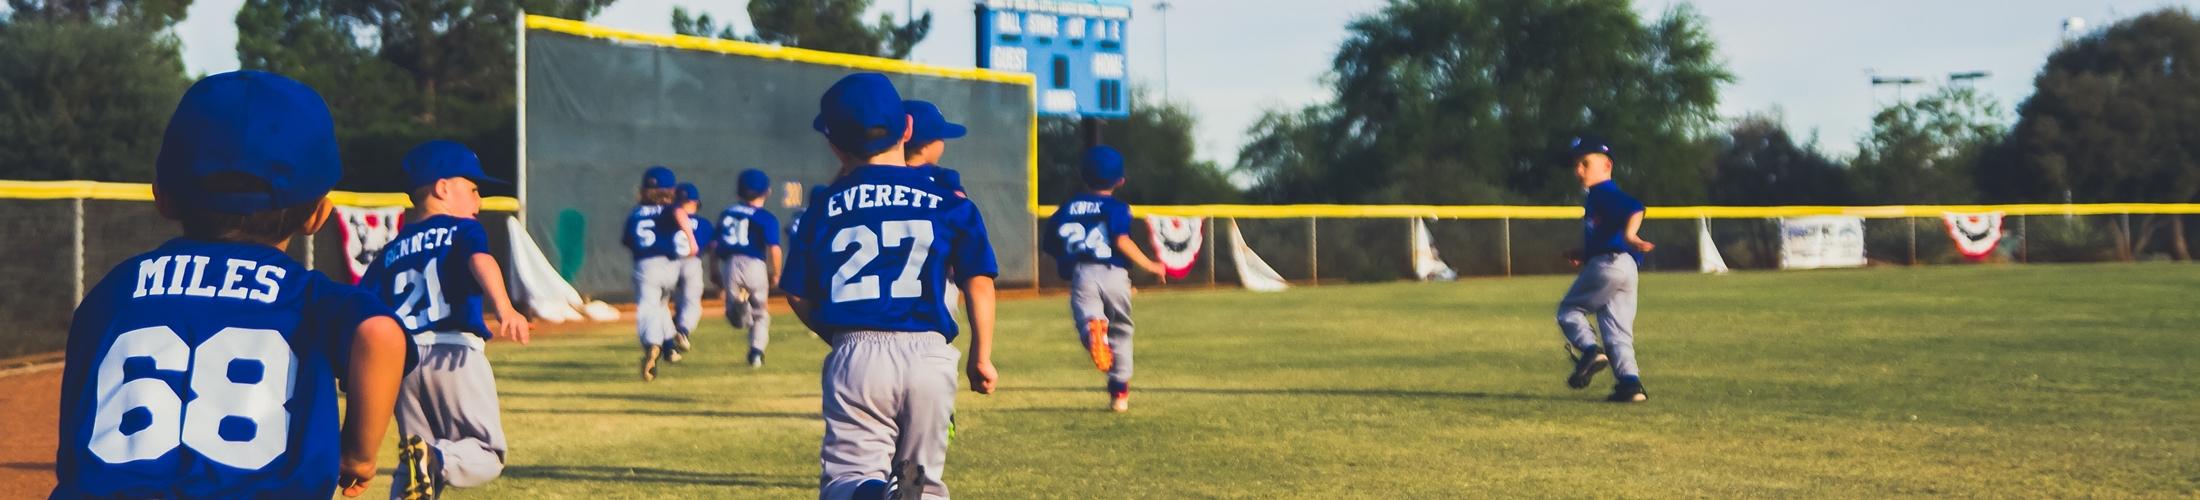 少年野球サイトのヘッダー画像